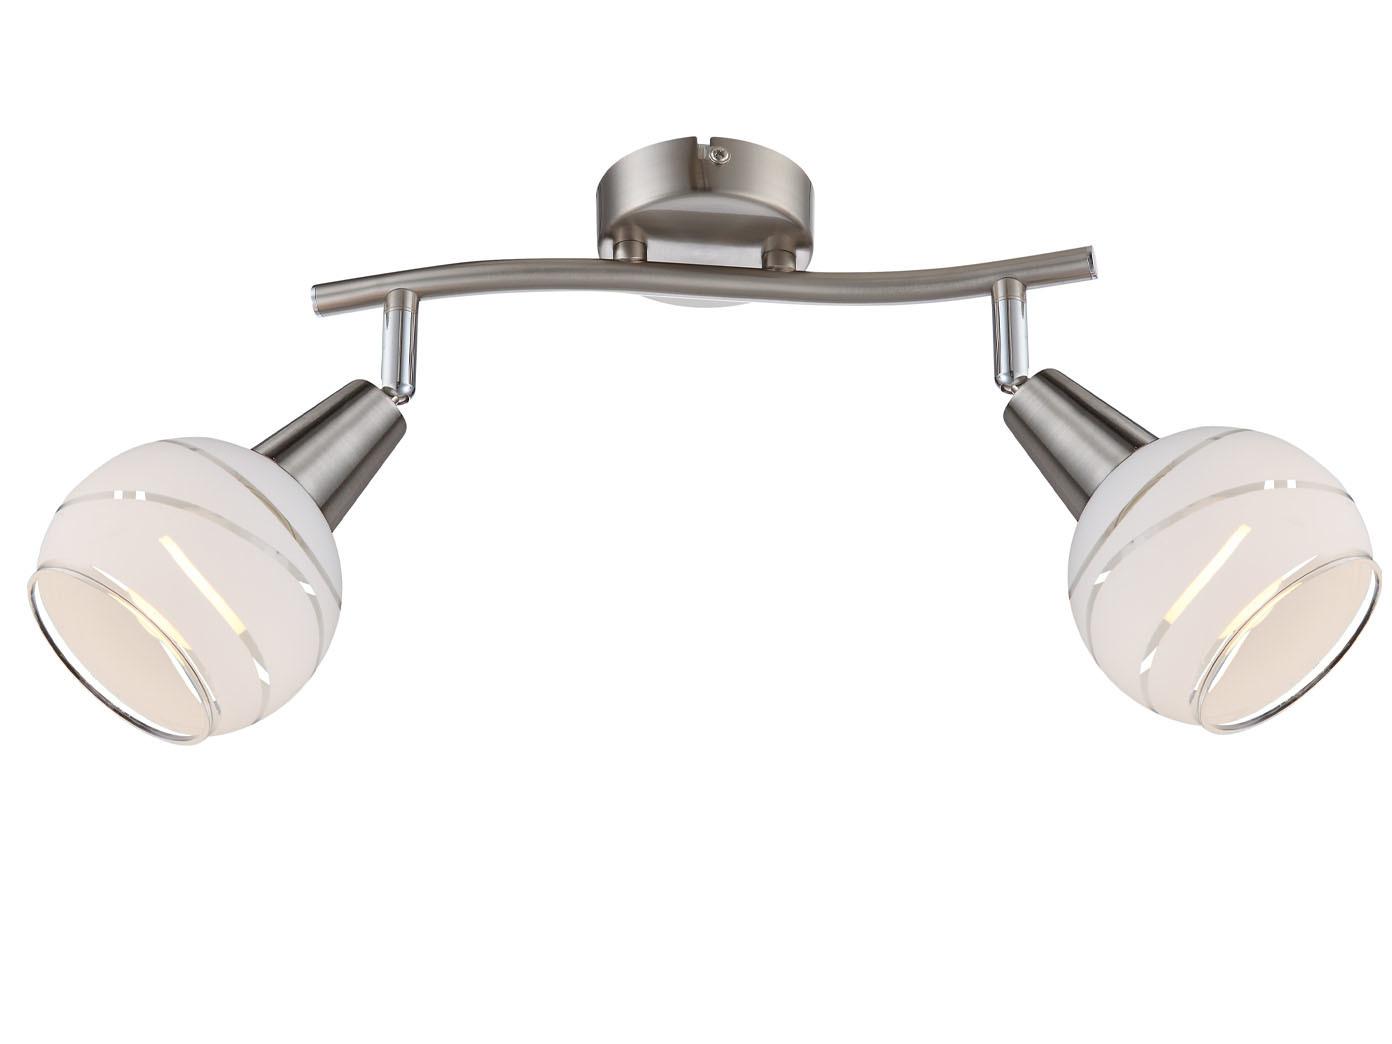 Deckenleuchte Wohnzimmer Globo Deckenlampe Strahler 4 flammig Spots Glasschirm